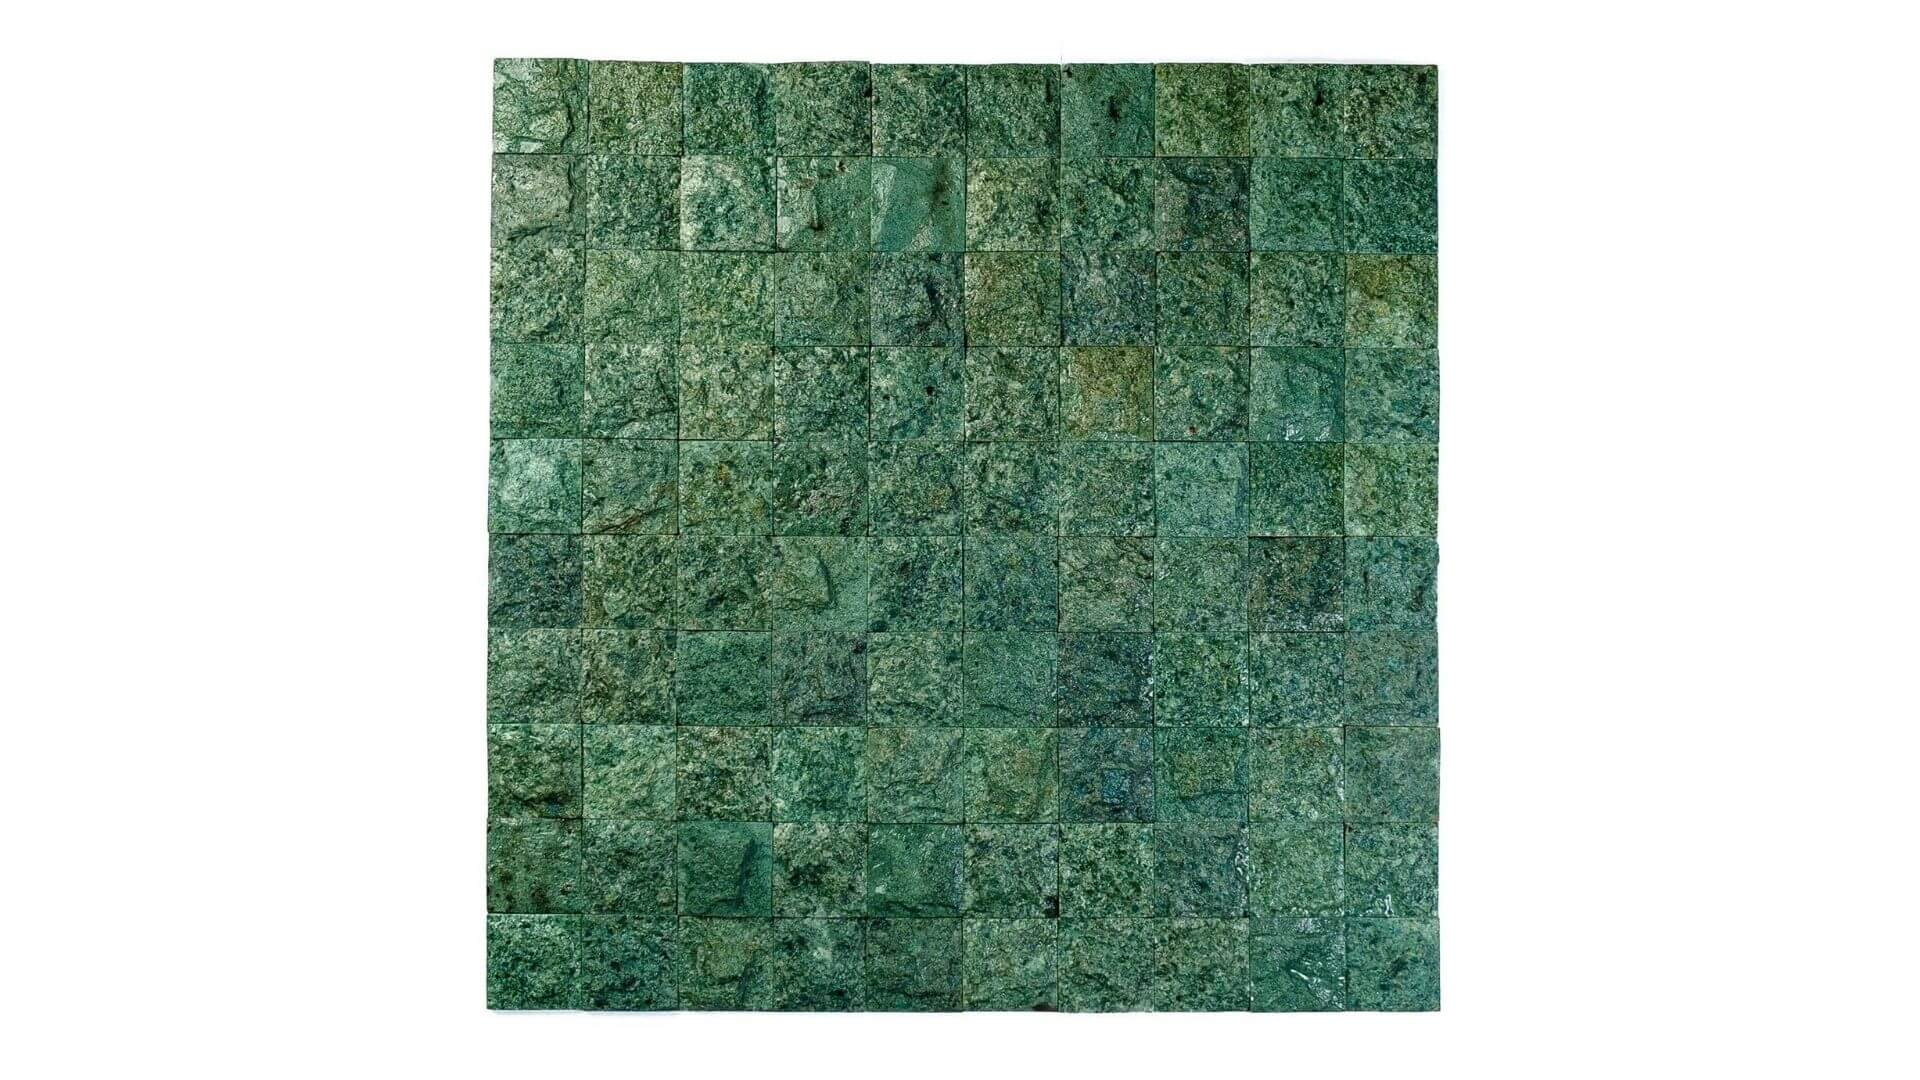 hijau revestimentos de pedras naturais